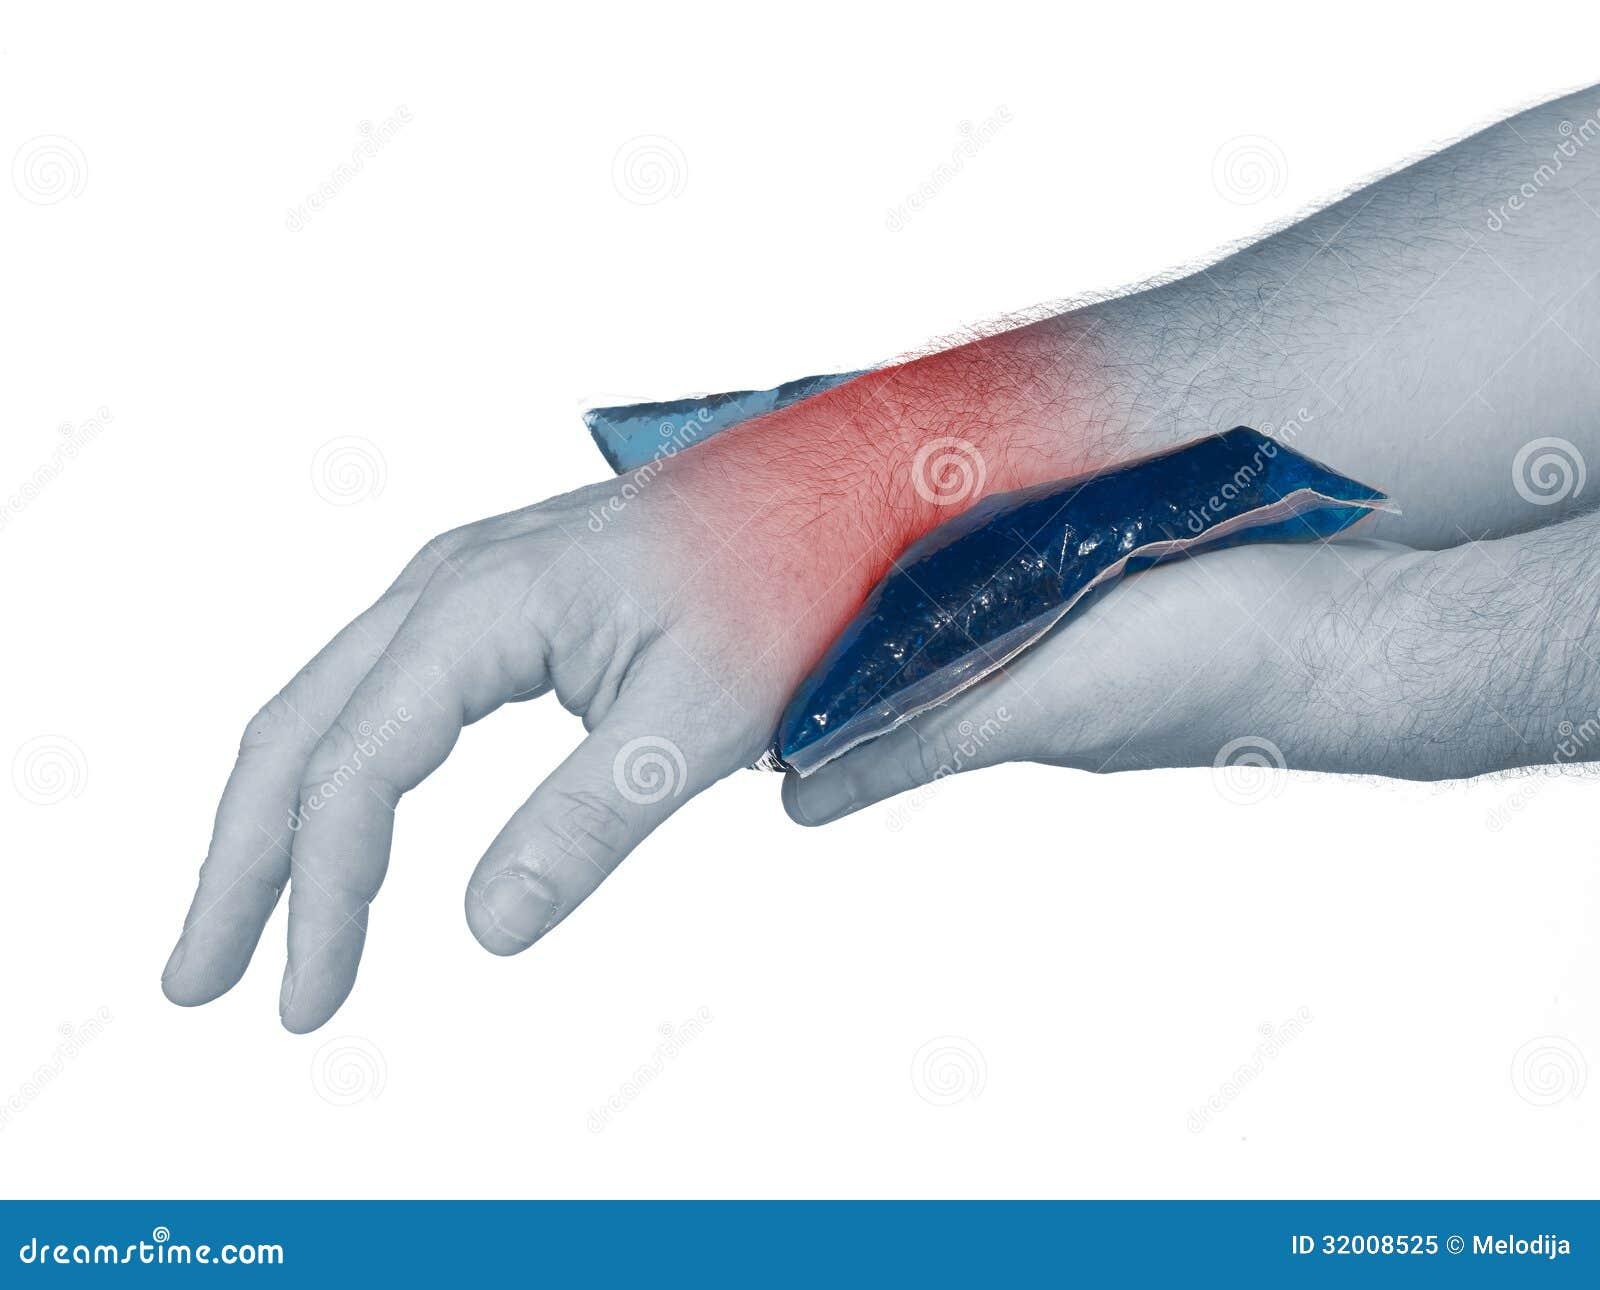 douleur de poignet m le tenant la vessie de glace sur le poignet photo libre de droits image. Black Bedroom Furniture Sets. Home Design Ideas